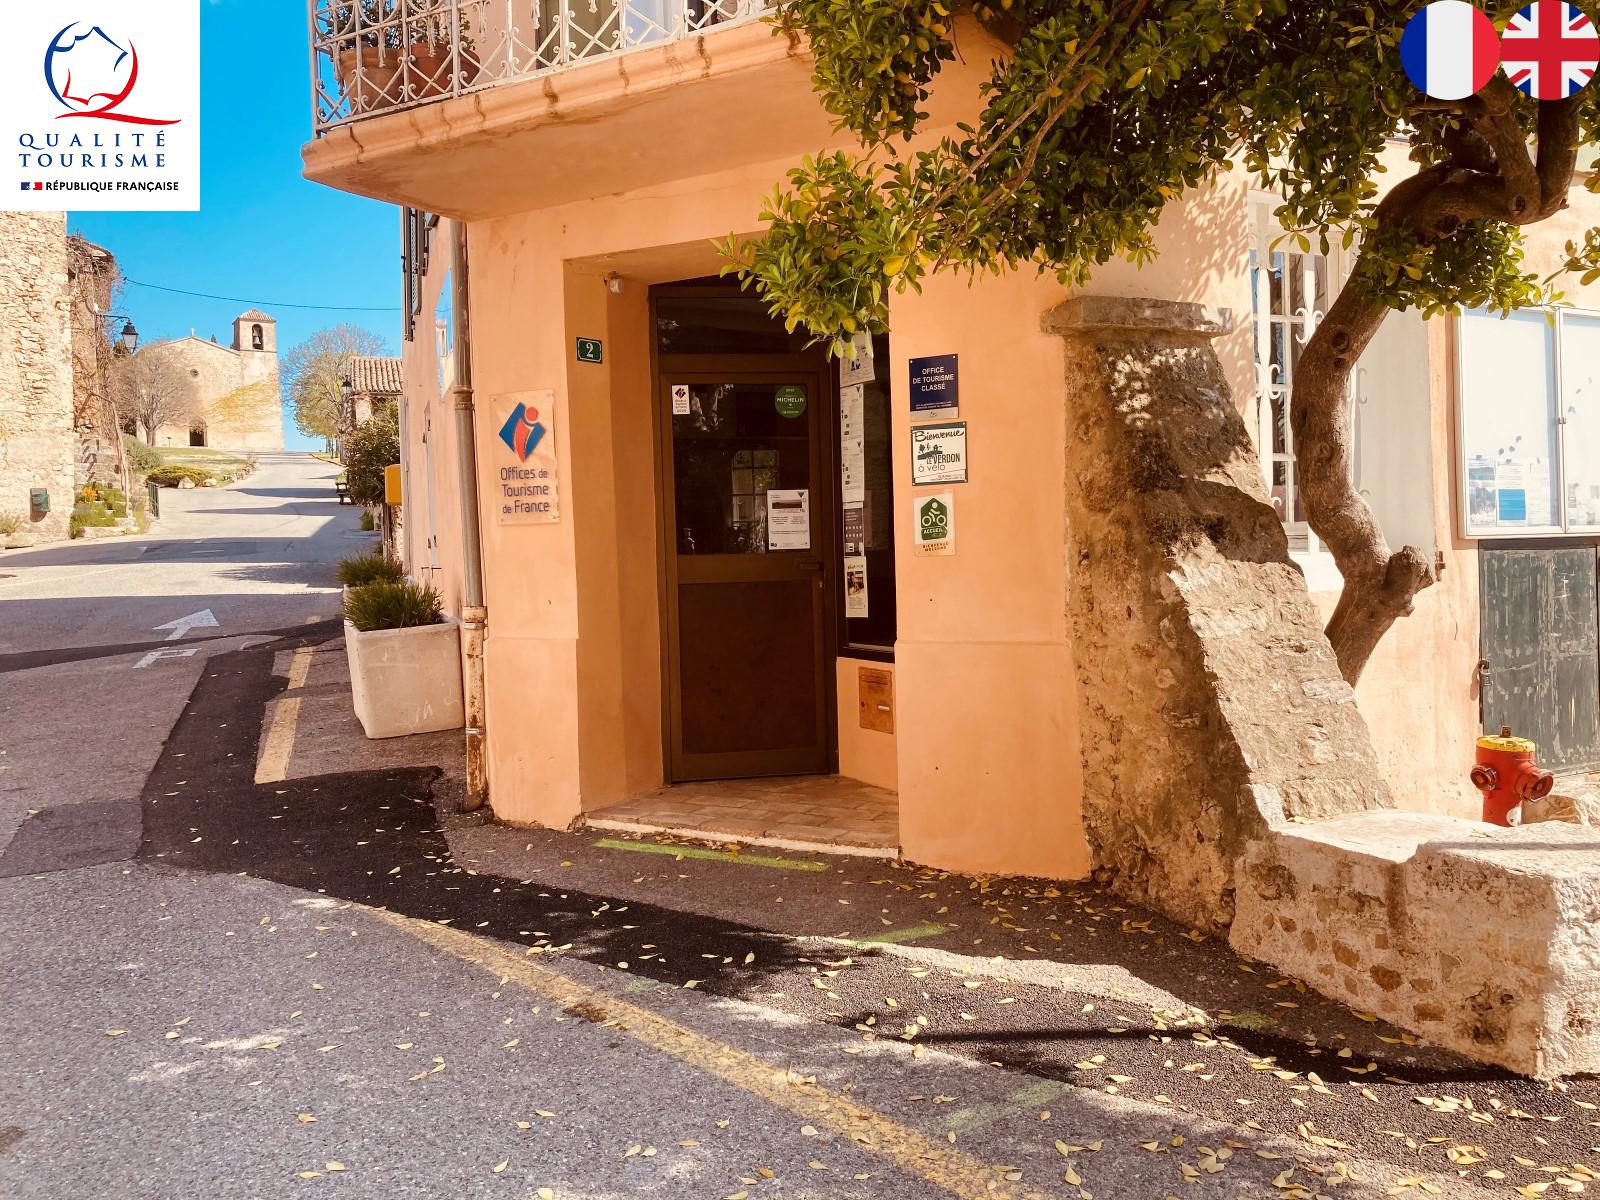 Photo Tourtour Tourisme